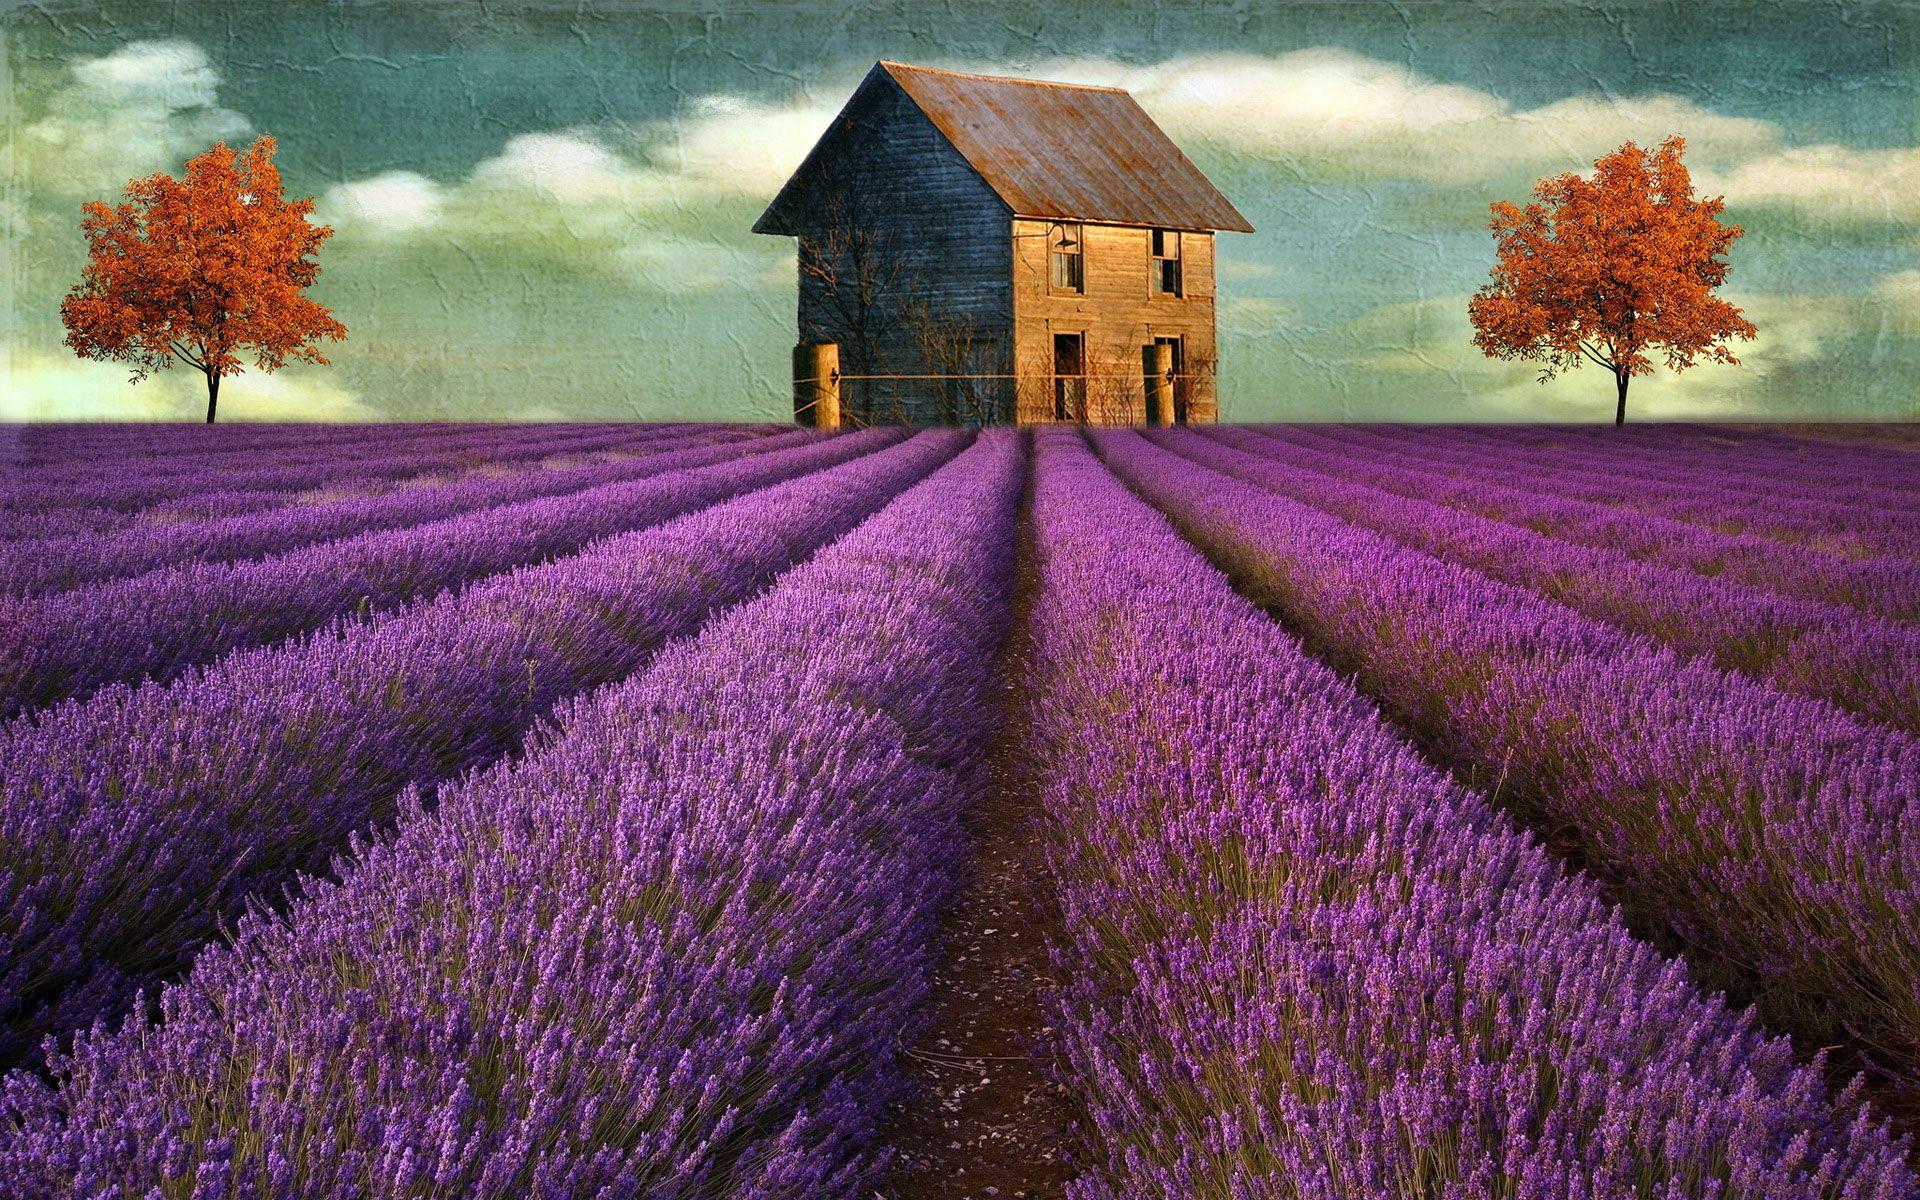 Lavender Field Wallpaper Wallpaper Wide Beautiful